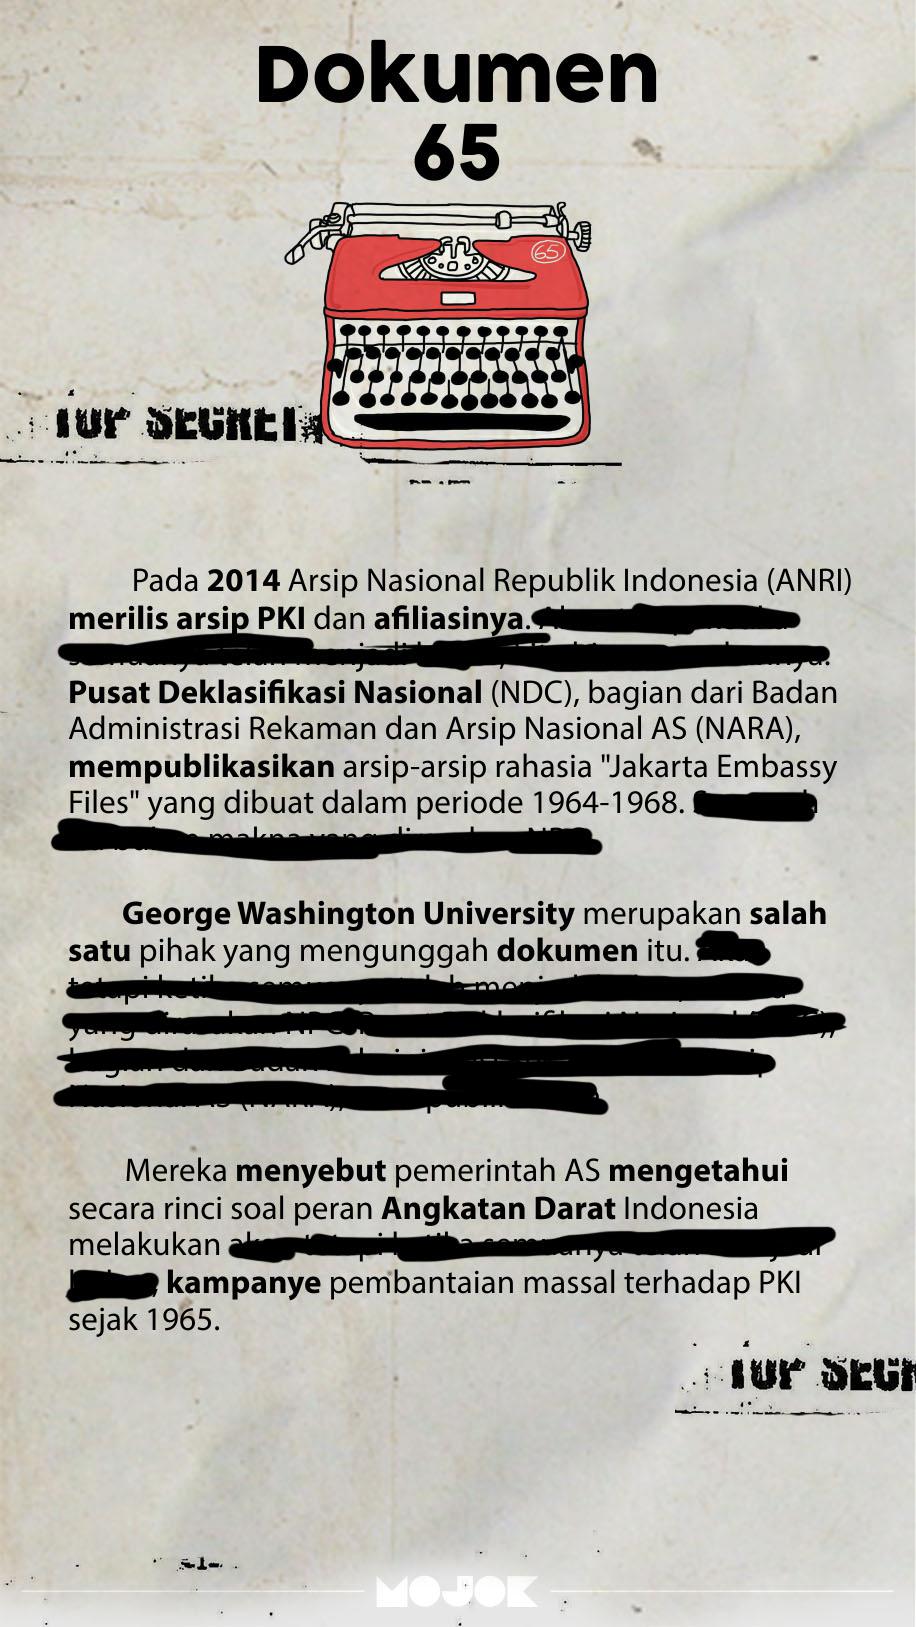 dokumen-65-mojok